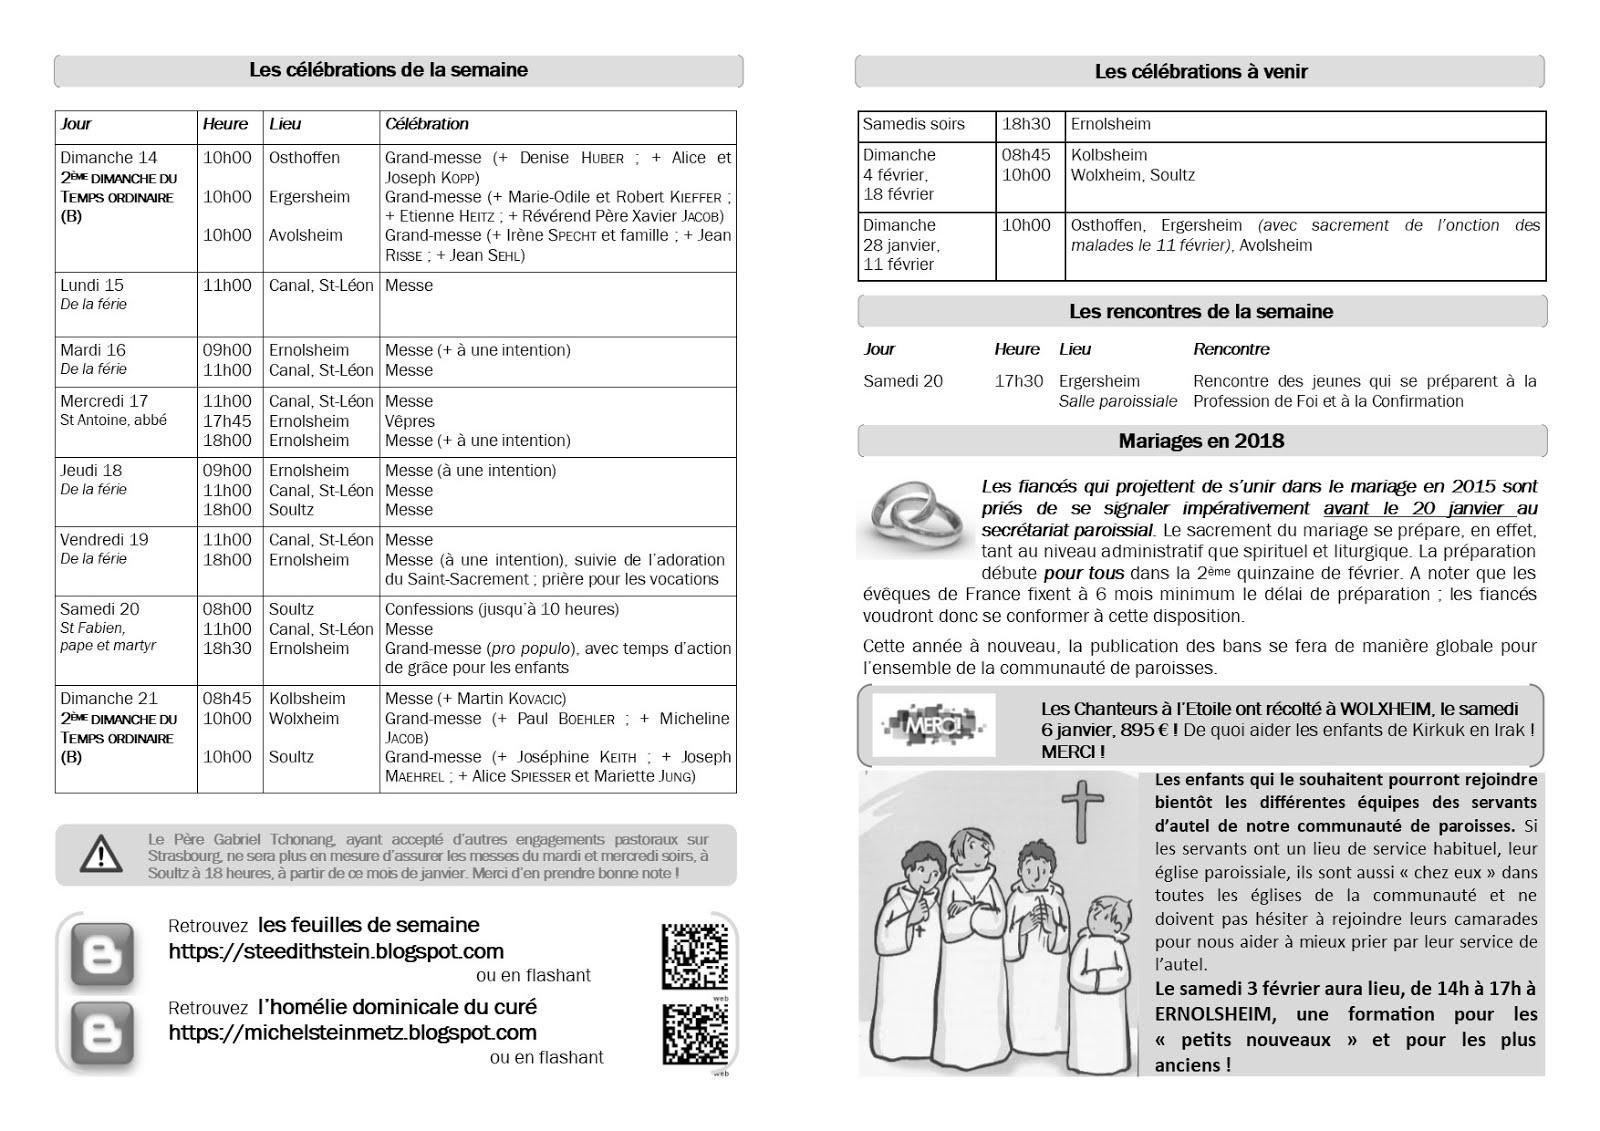 Communaut de paroisses sainte edith stein semaine du 14 au 21 janvier 2018 - Jeudi de l ascension 2018 ...